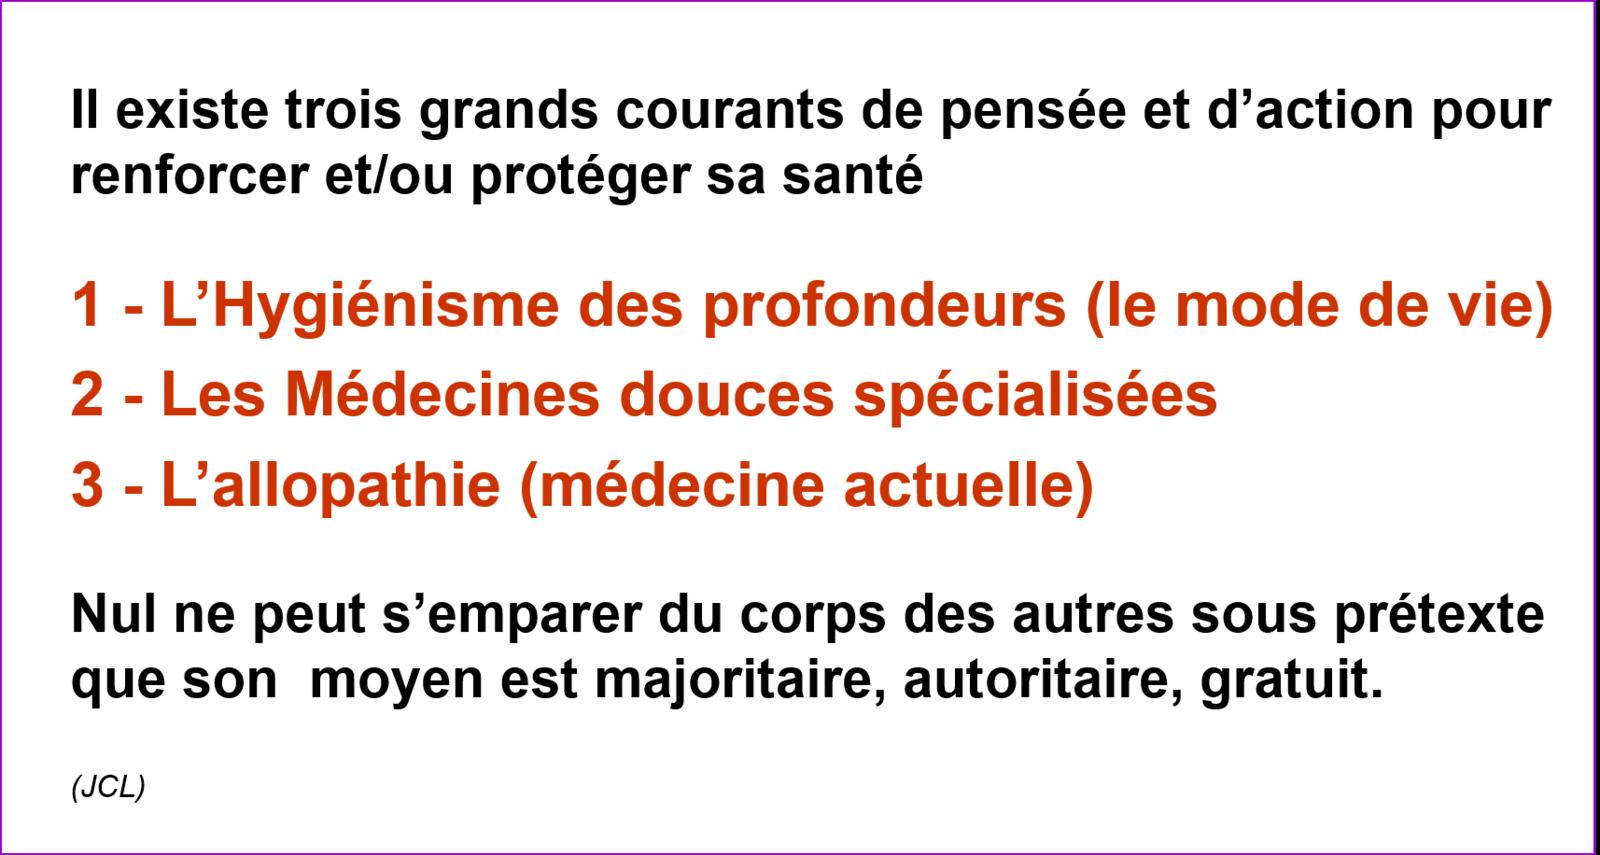 cours de Méthodes Naturelles de santé (naturopathie)